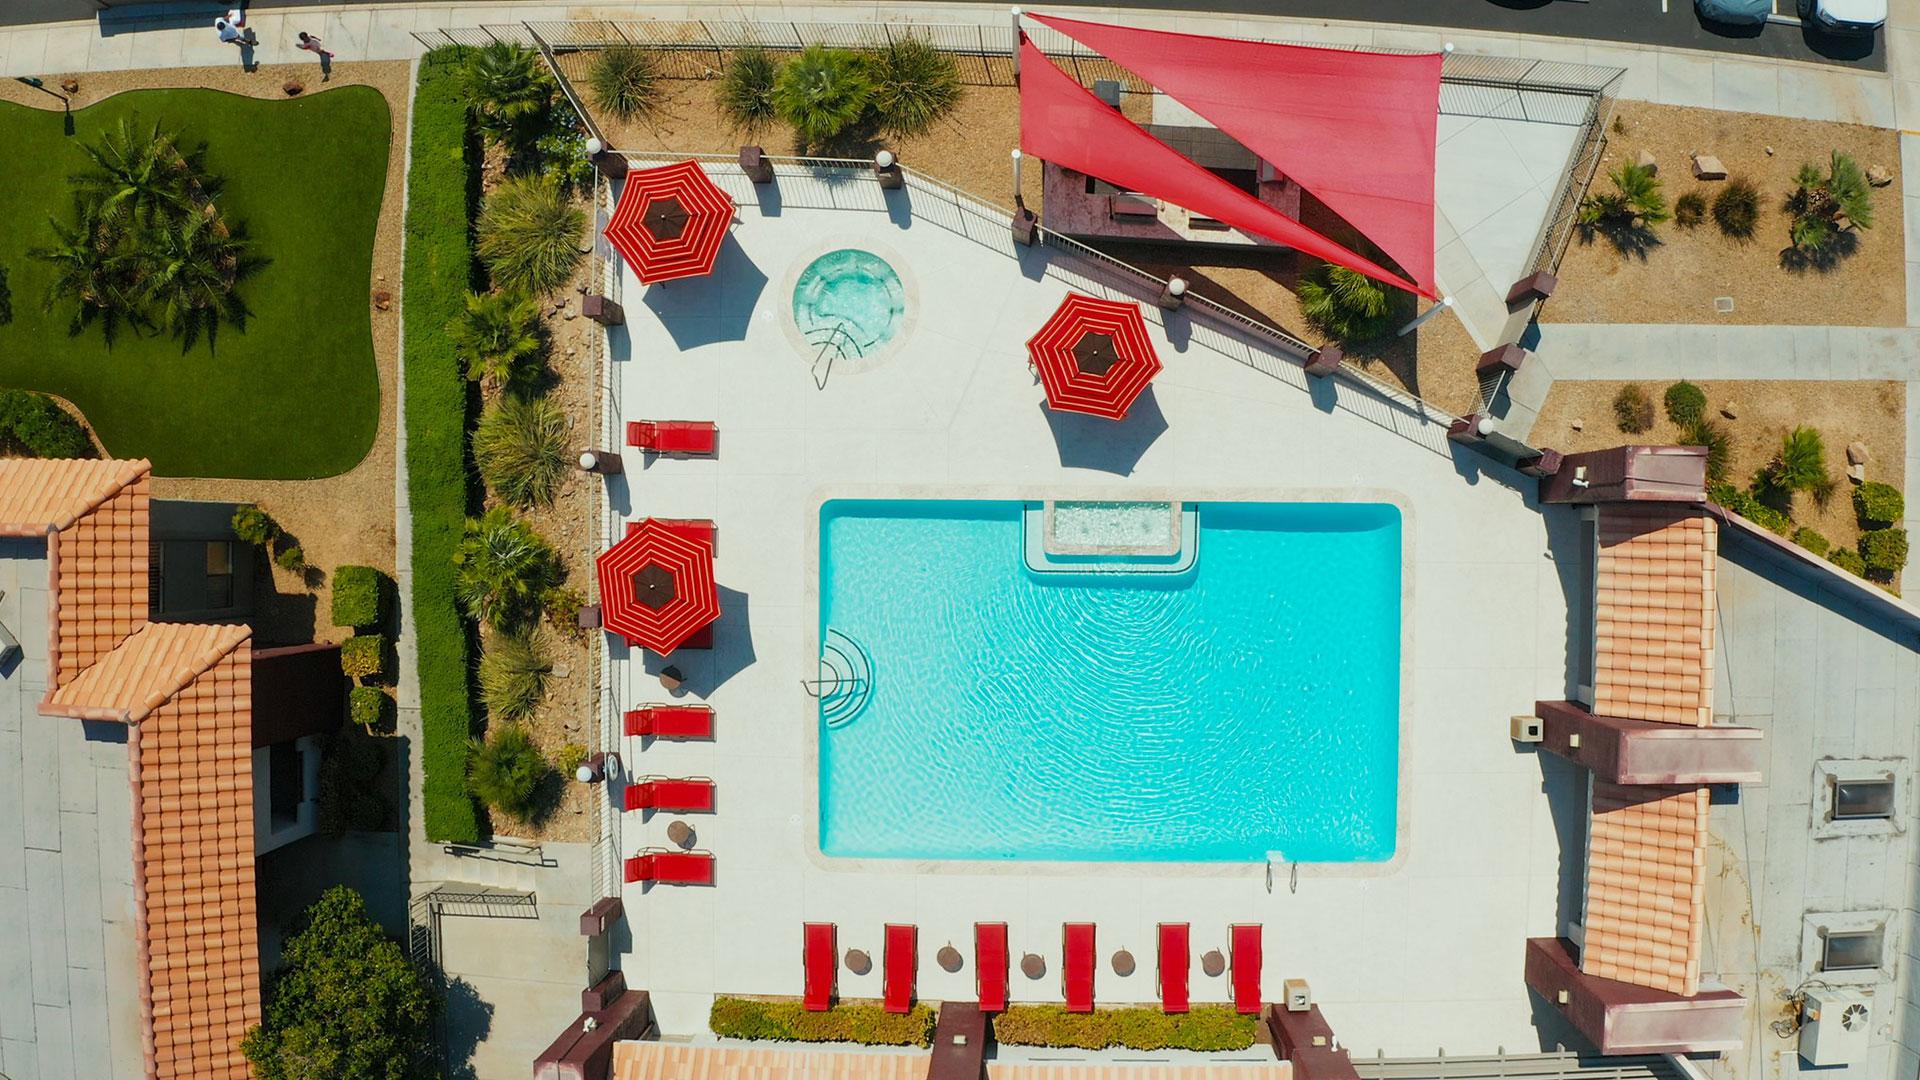 Pool Overhead